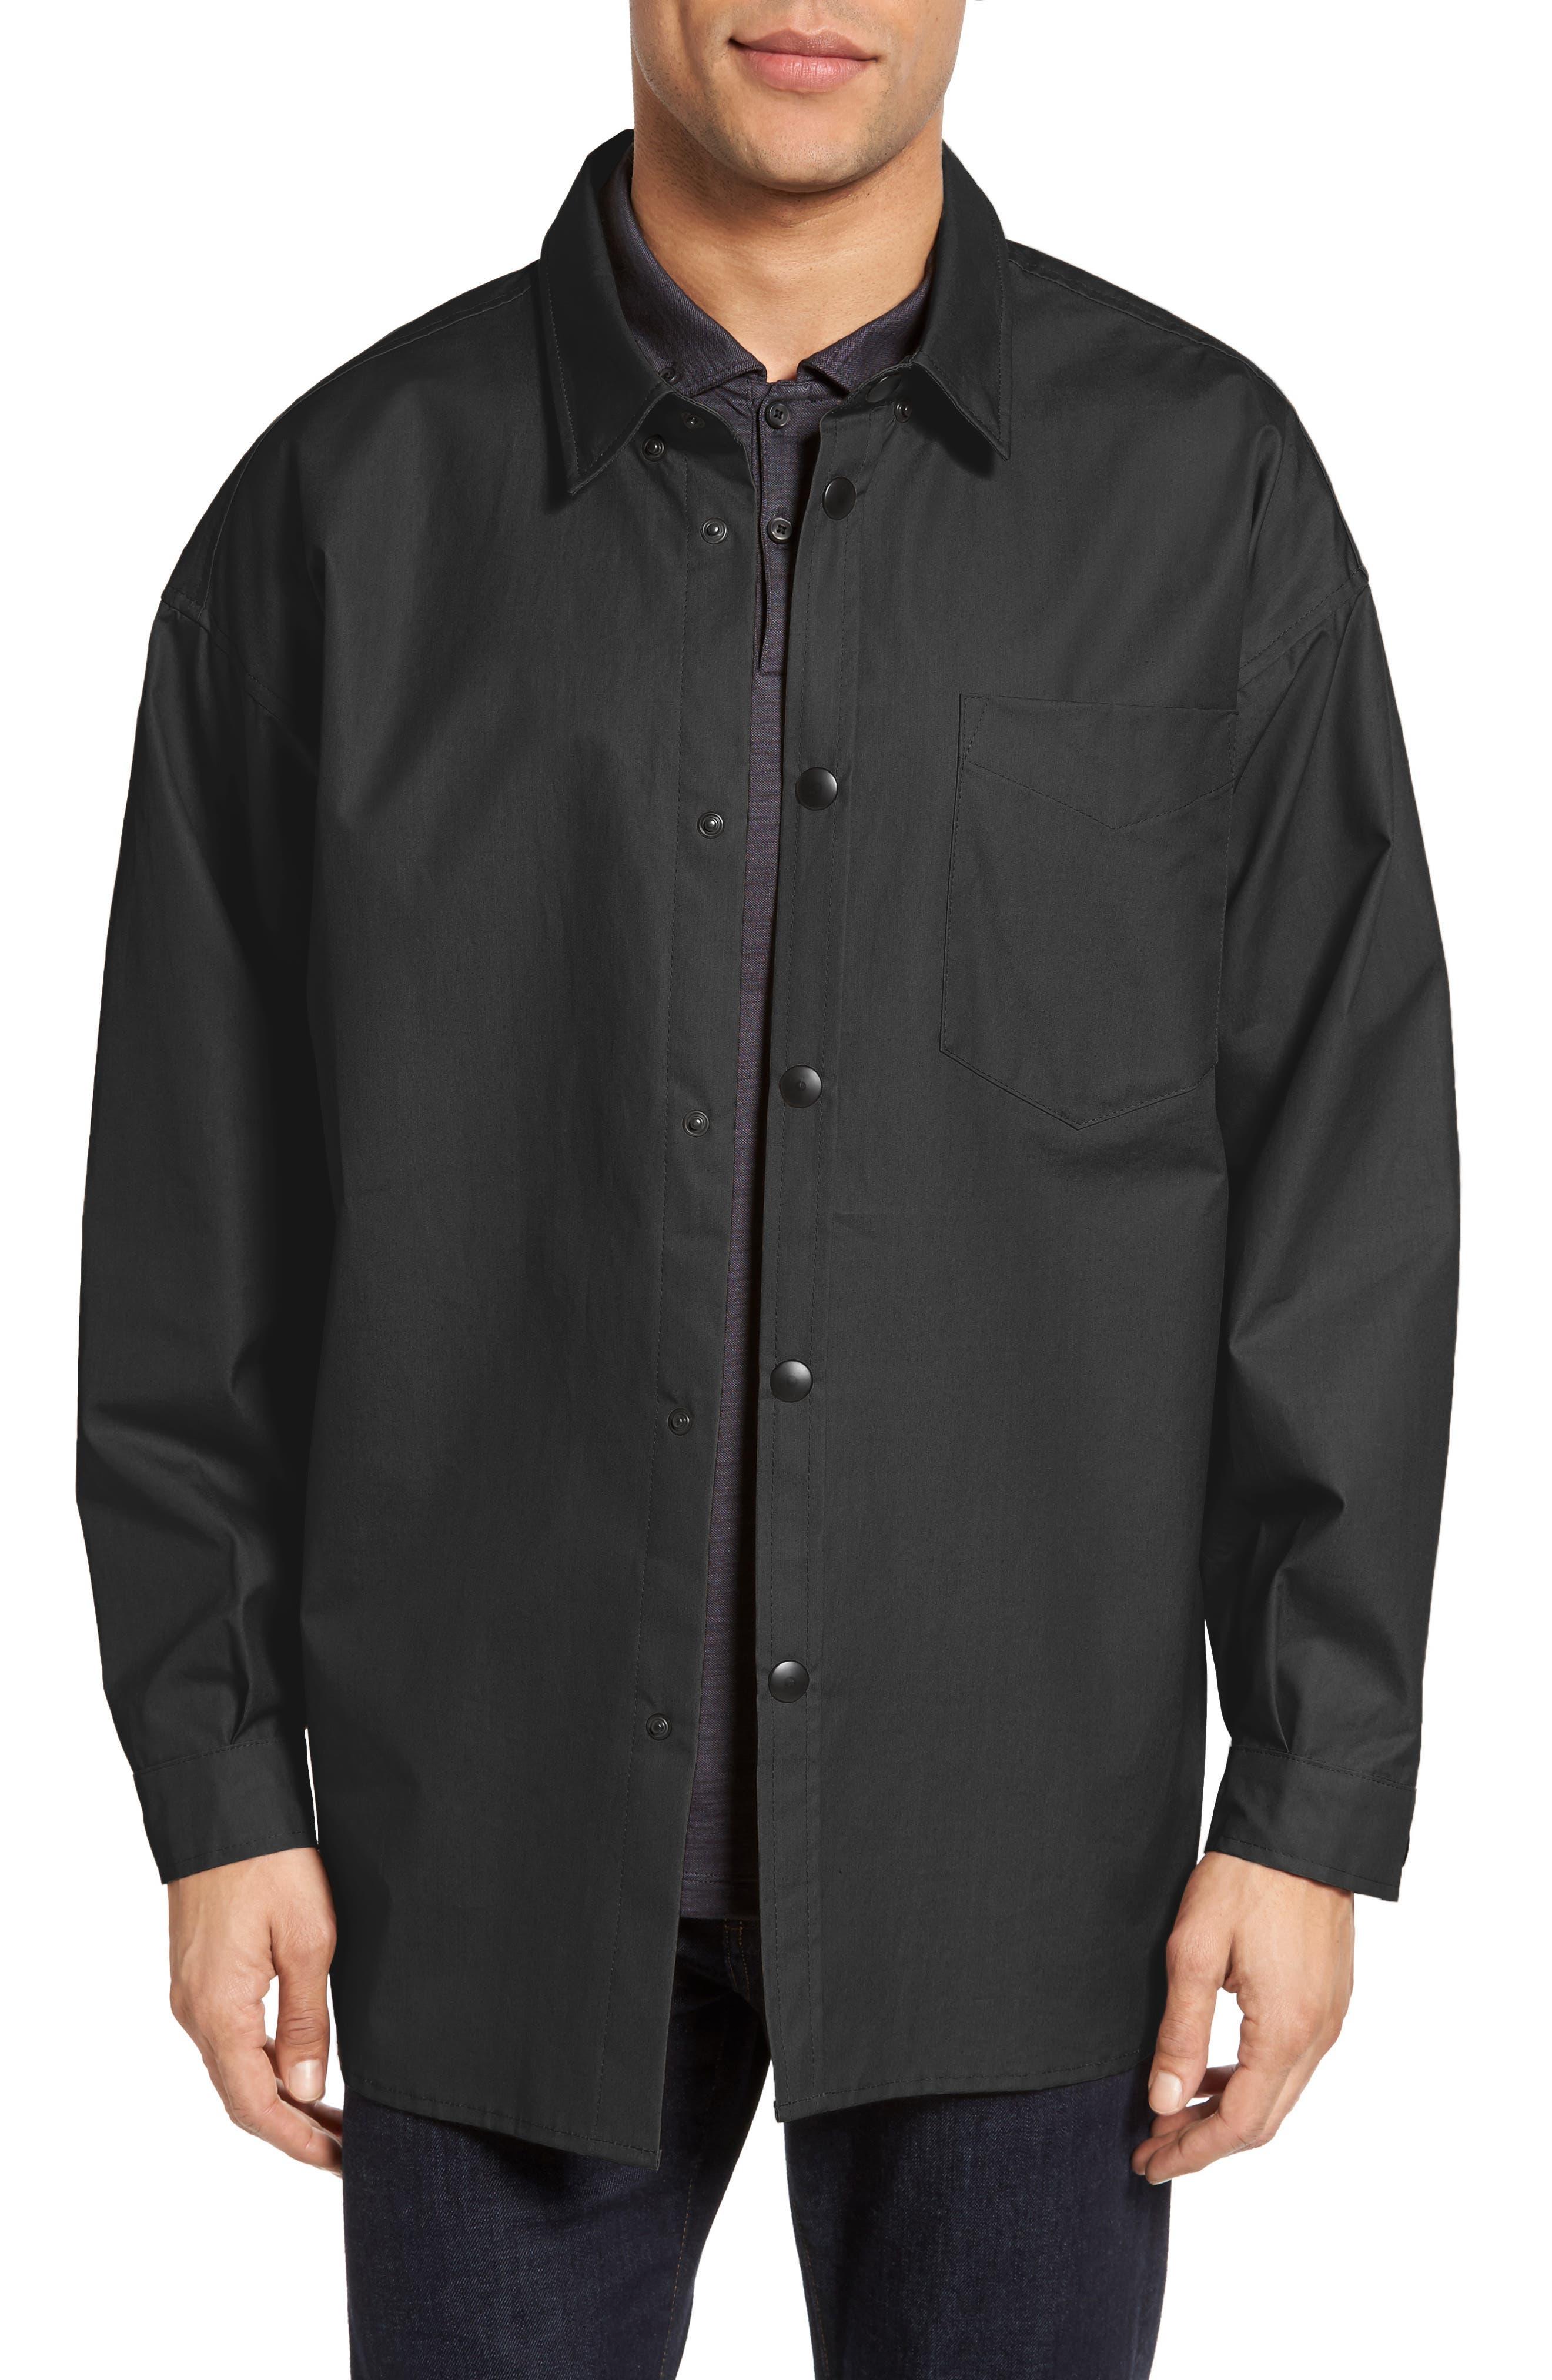 Main Image - Stutterheim Lerum Relaxed Fit Shirt Jacket